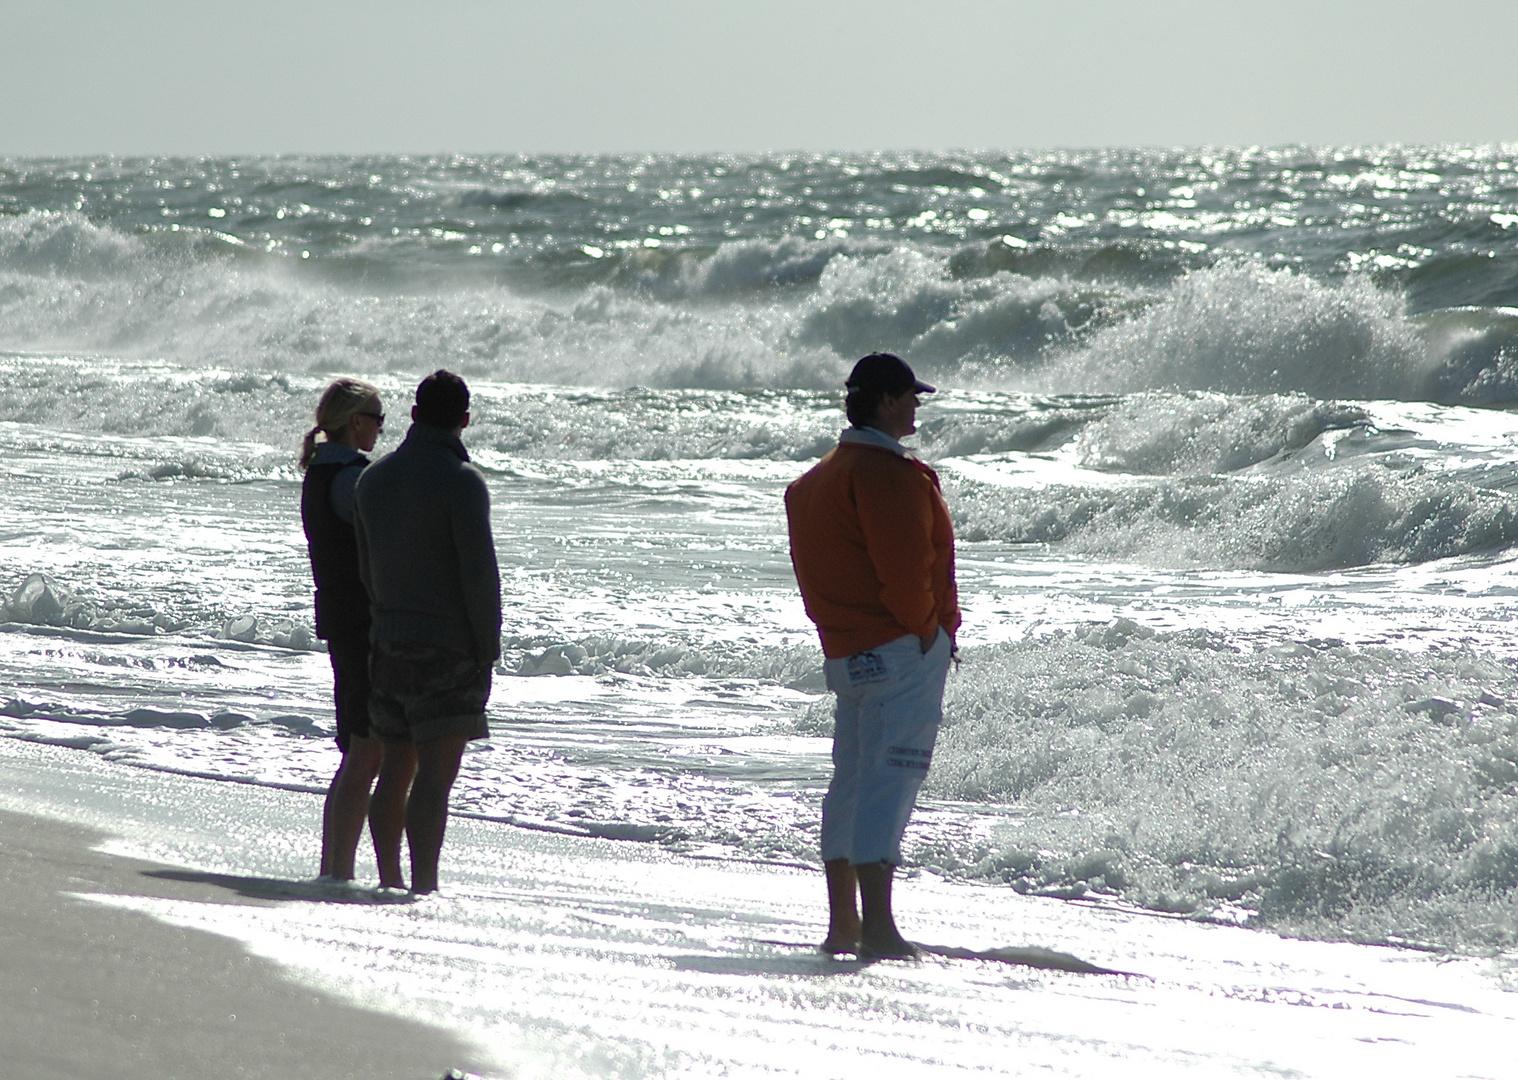 Wellen nach dem Sturm